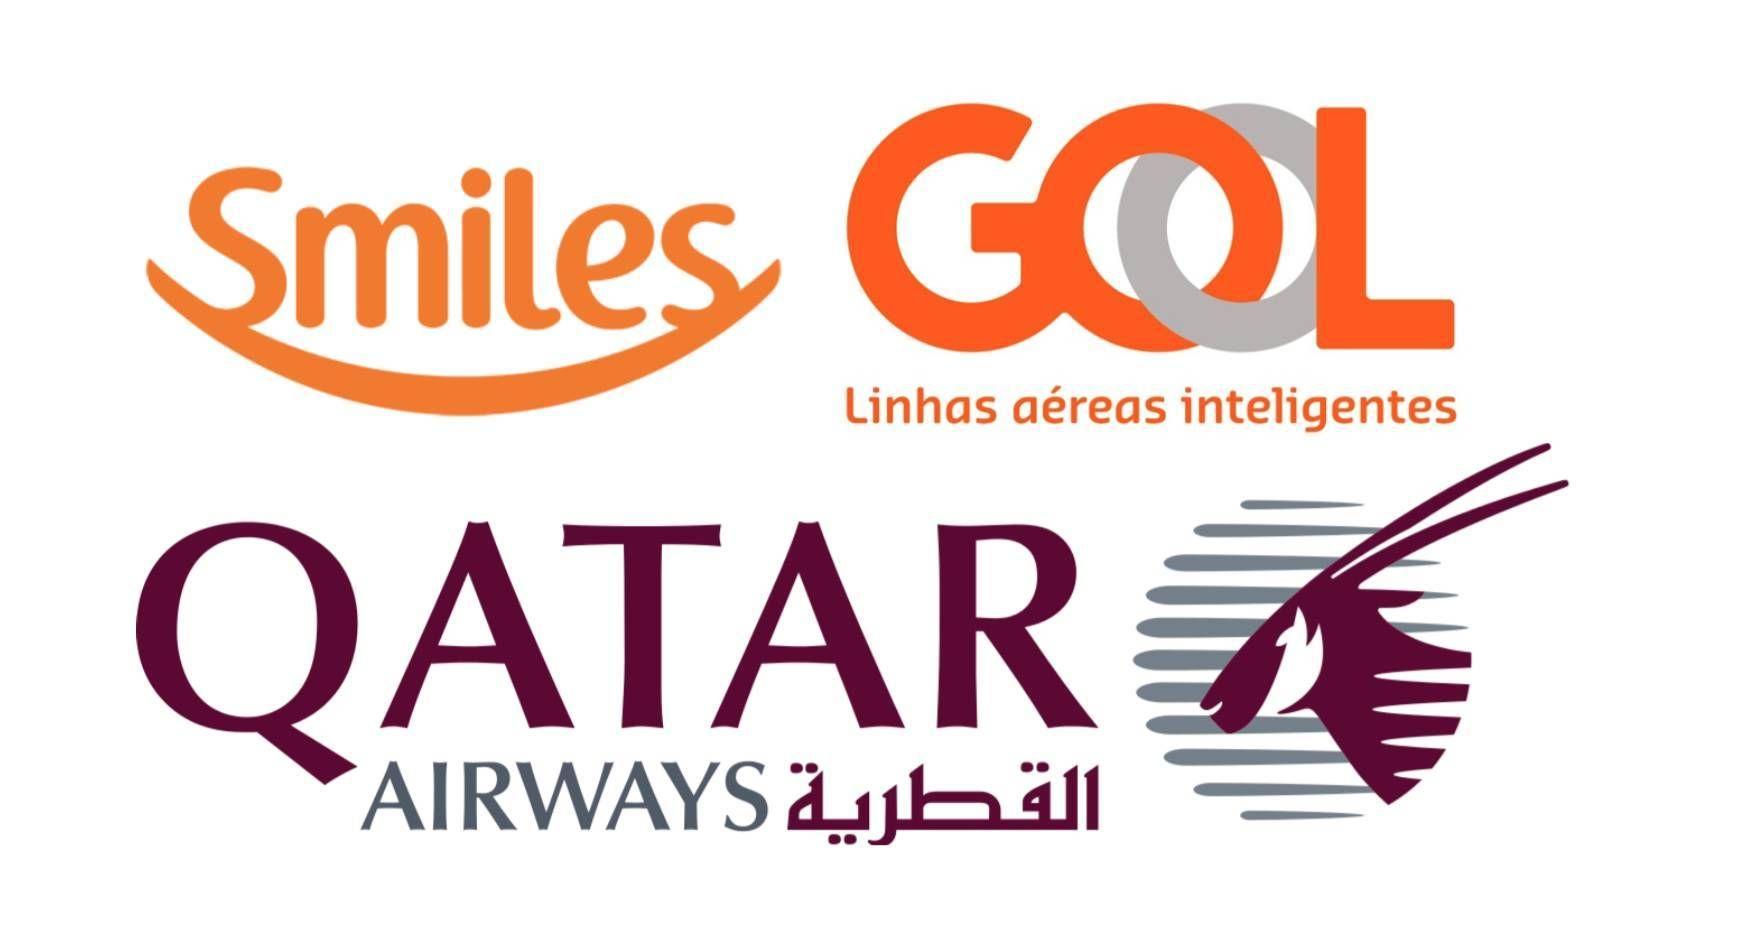 Smiles e Qatar – Estaria esta parceria perto do fim?